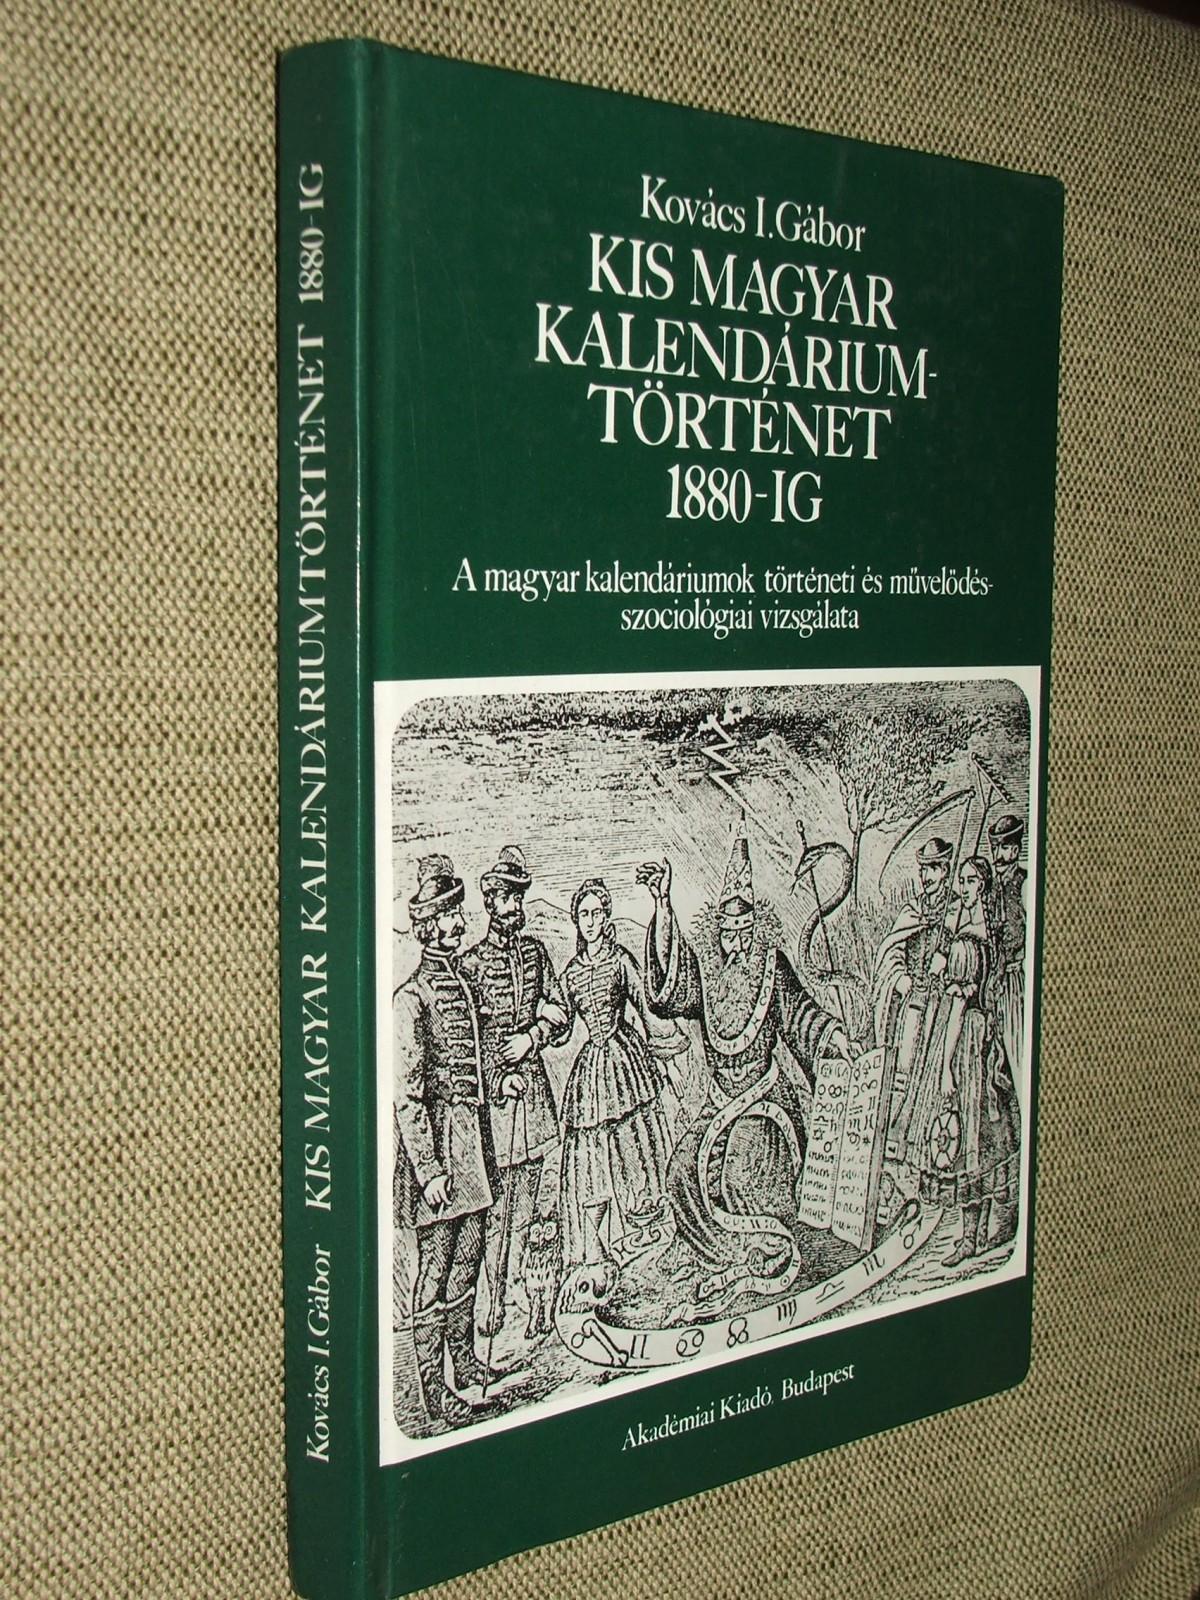 KOVÁCS I. Gábor: Kis magyar kalendáriumtörténet 1880-ig